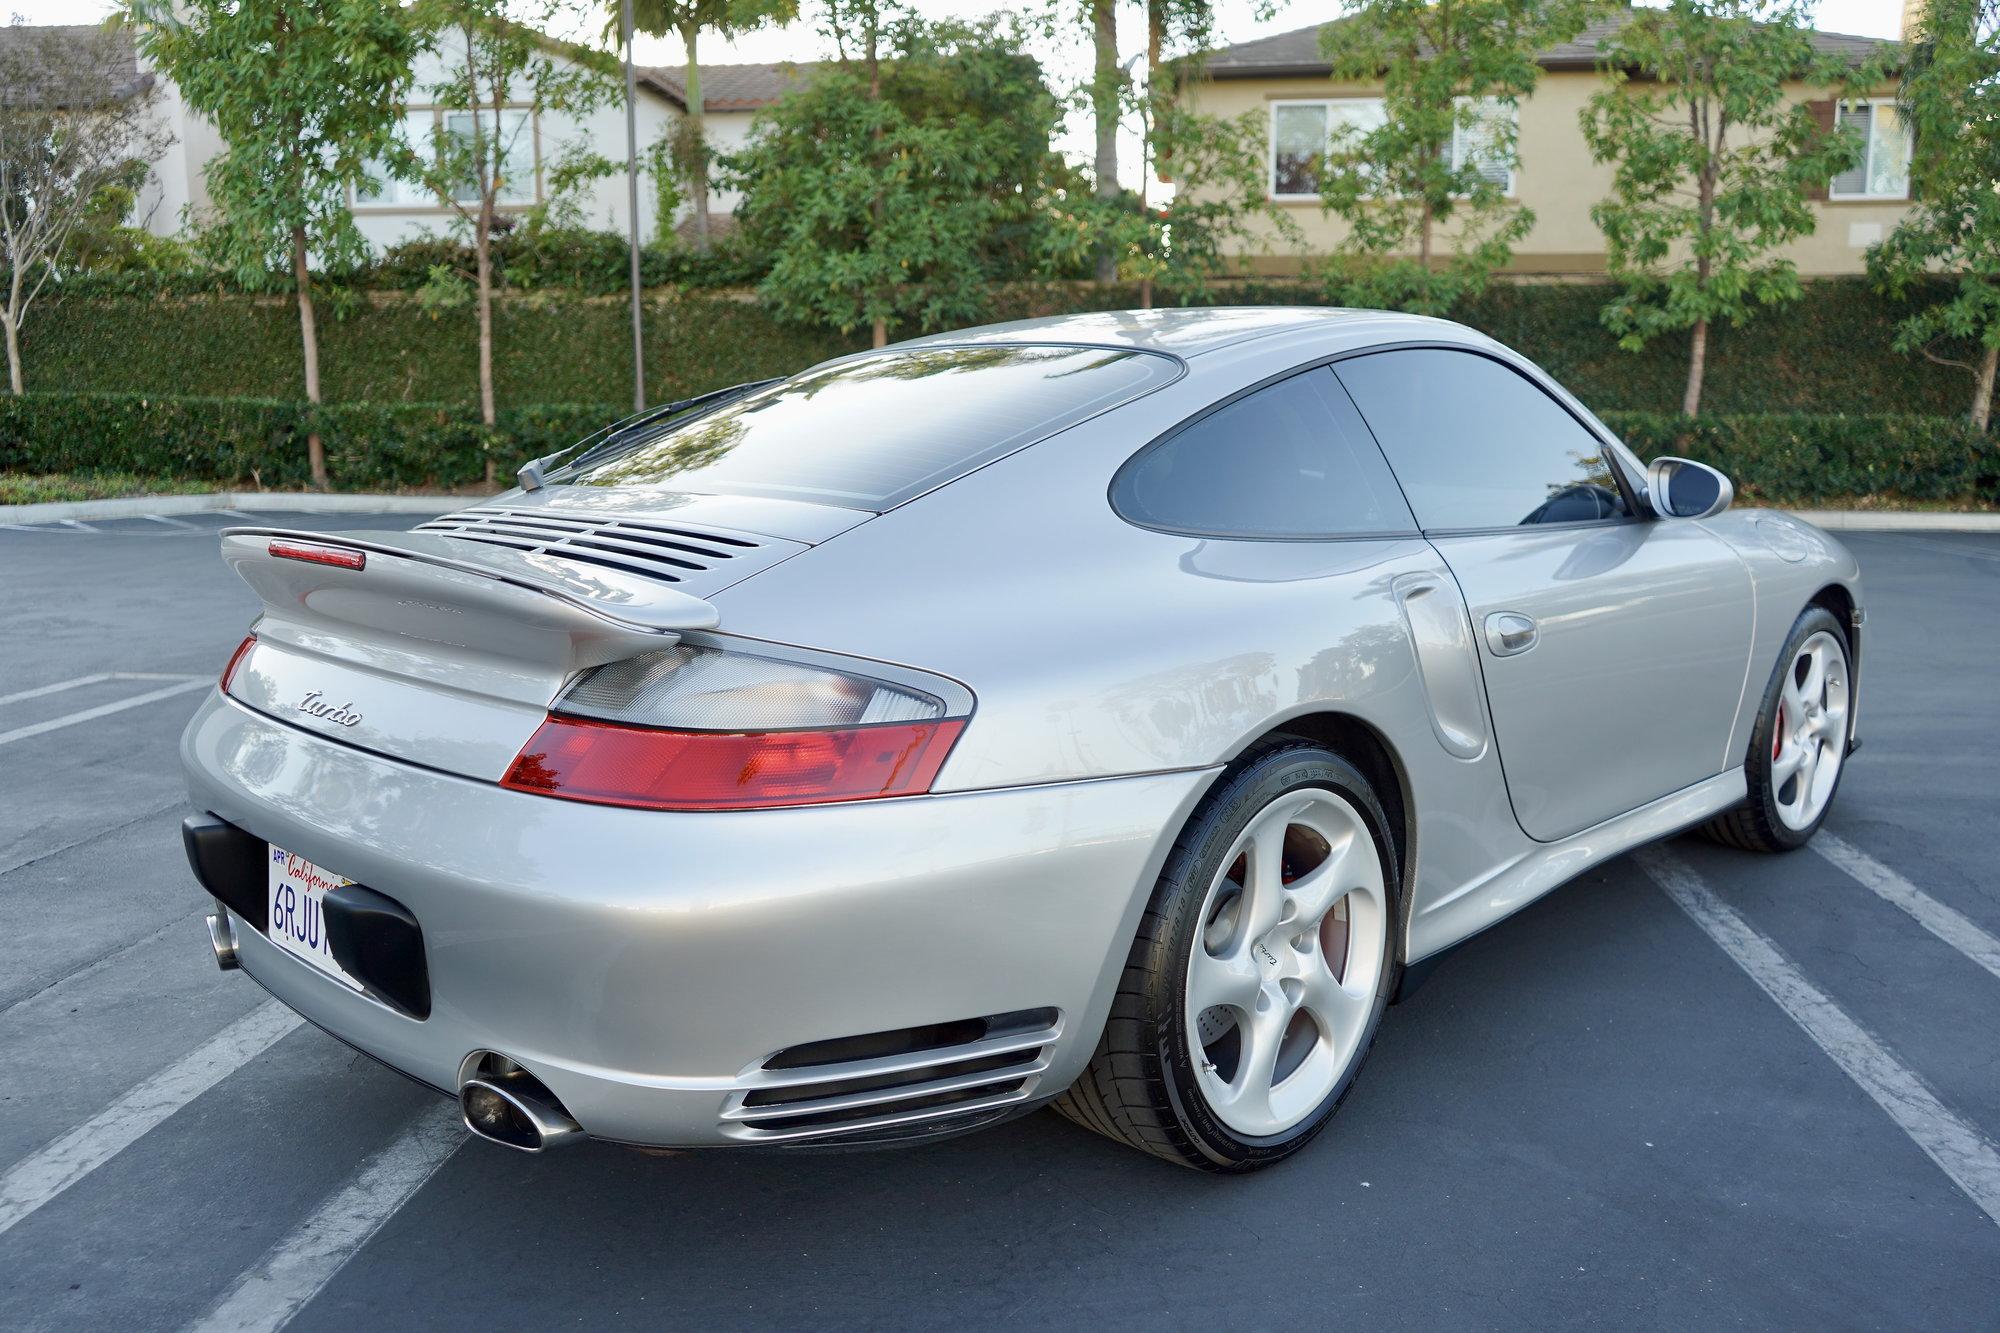 996 Turbo Owners handbook WVK 171 020 00 E/WW & WVK 173 620 01 ...